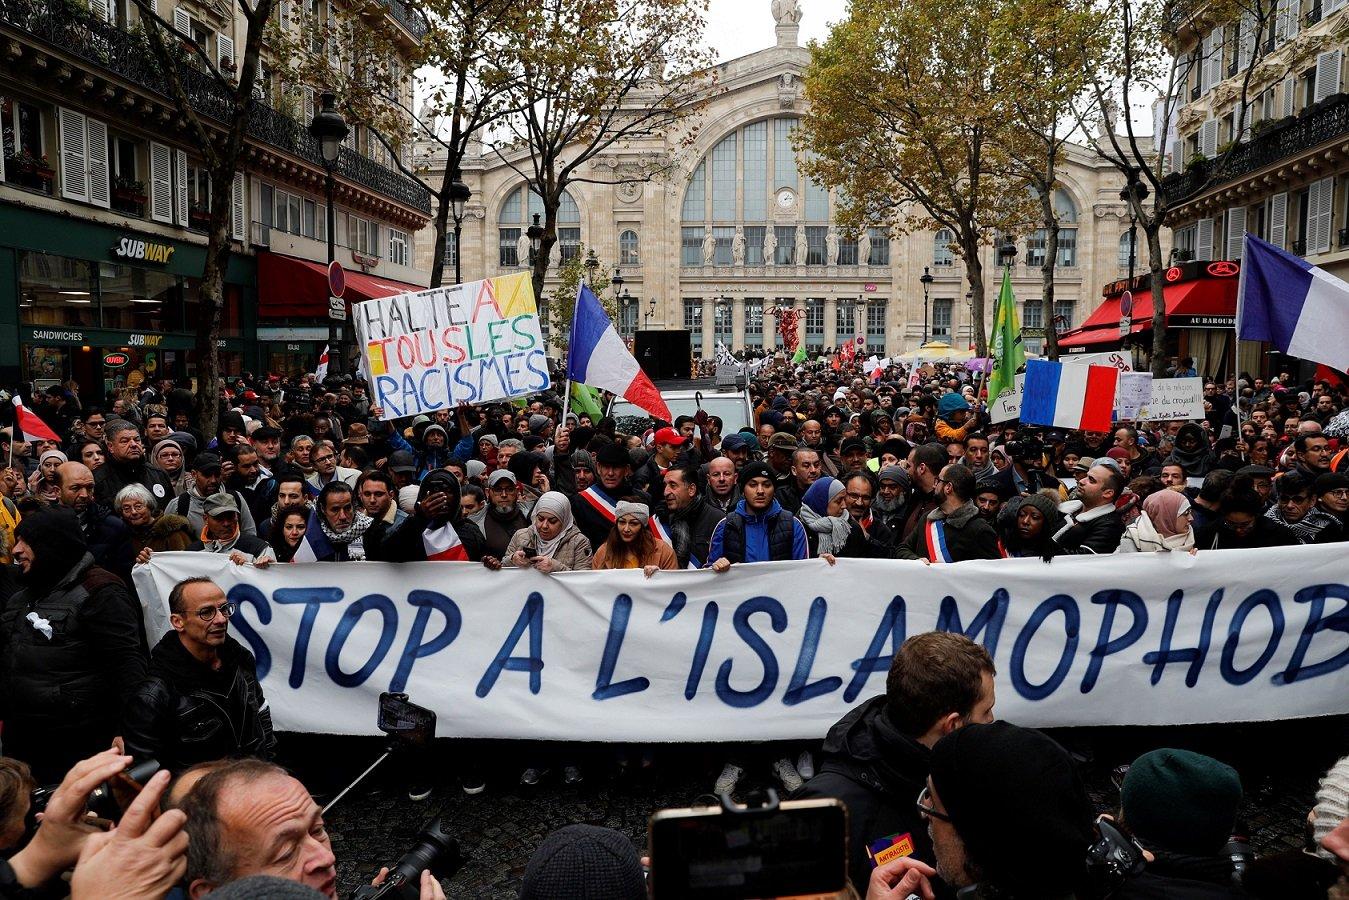 People demonstrate against Islamophobia in Paris in November 2019 (AFP)